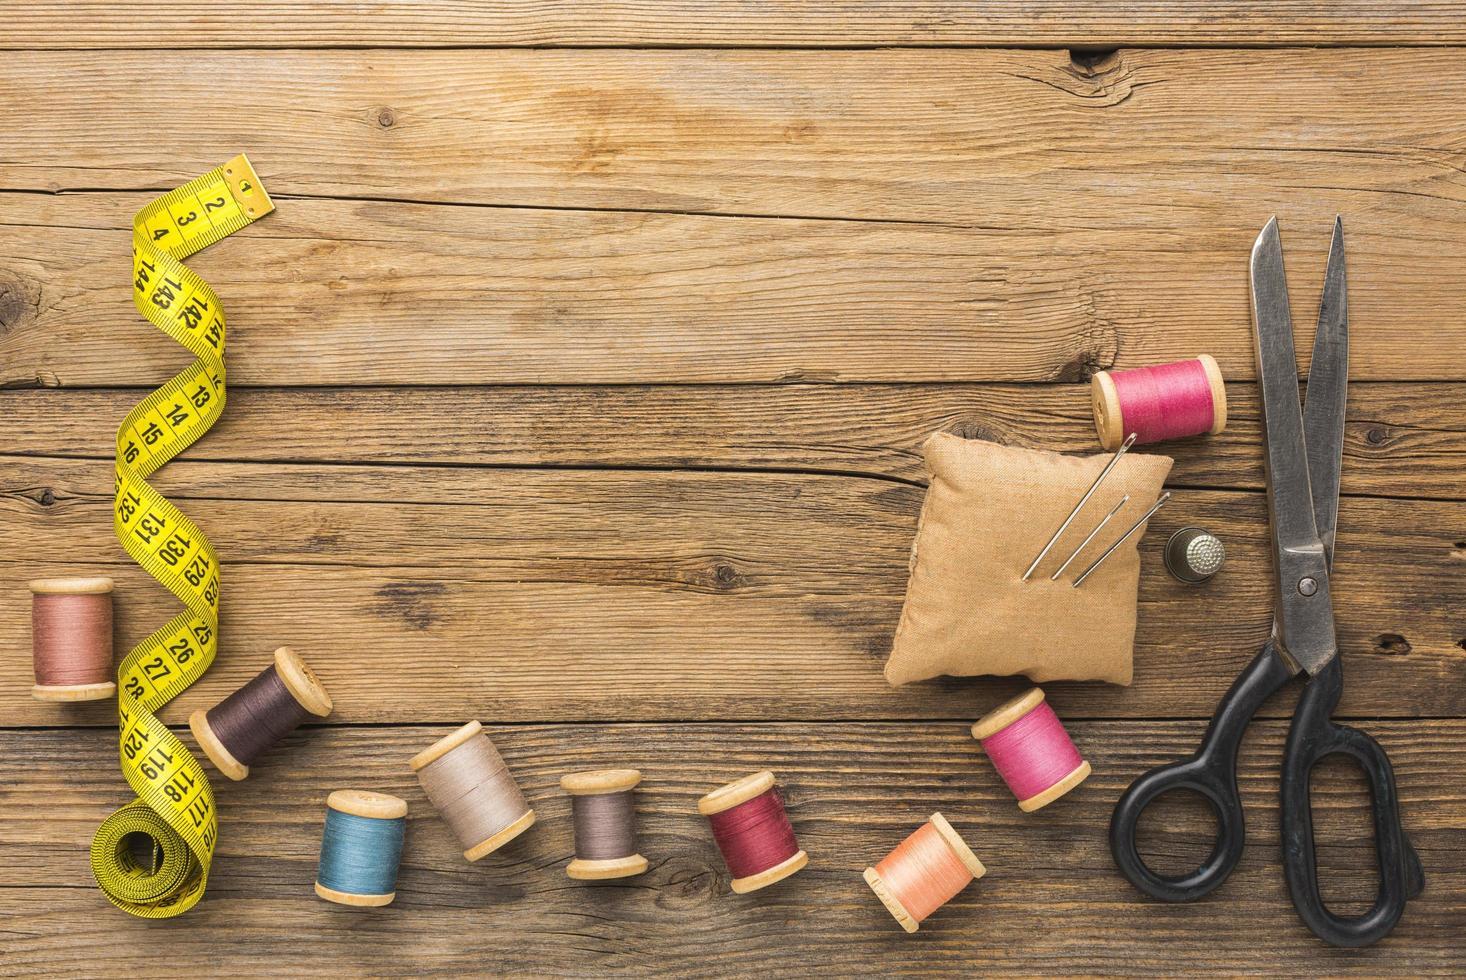 articles de couture avec espace copie sur bois photo